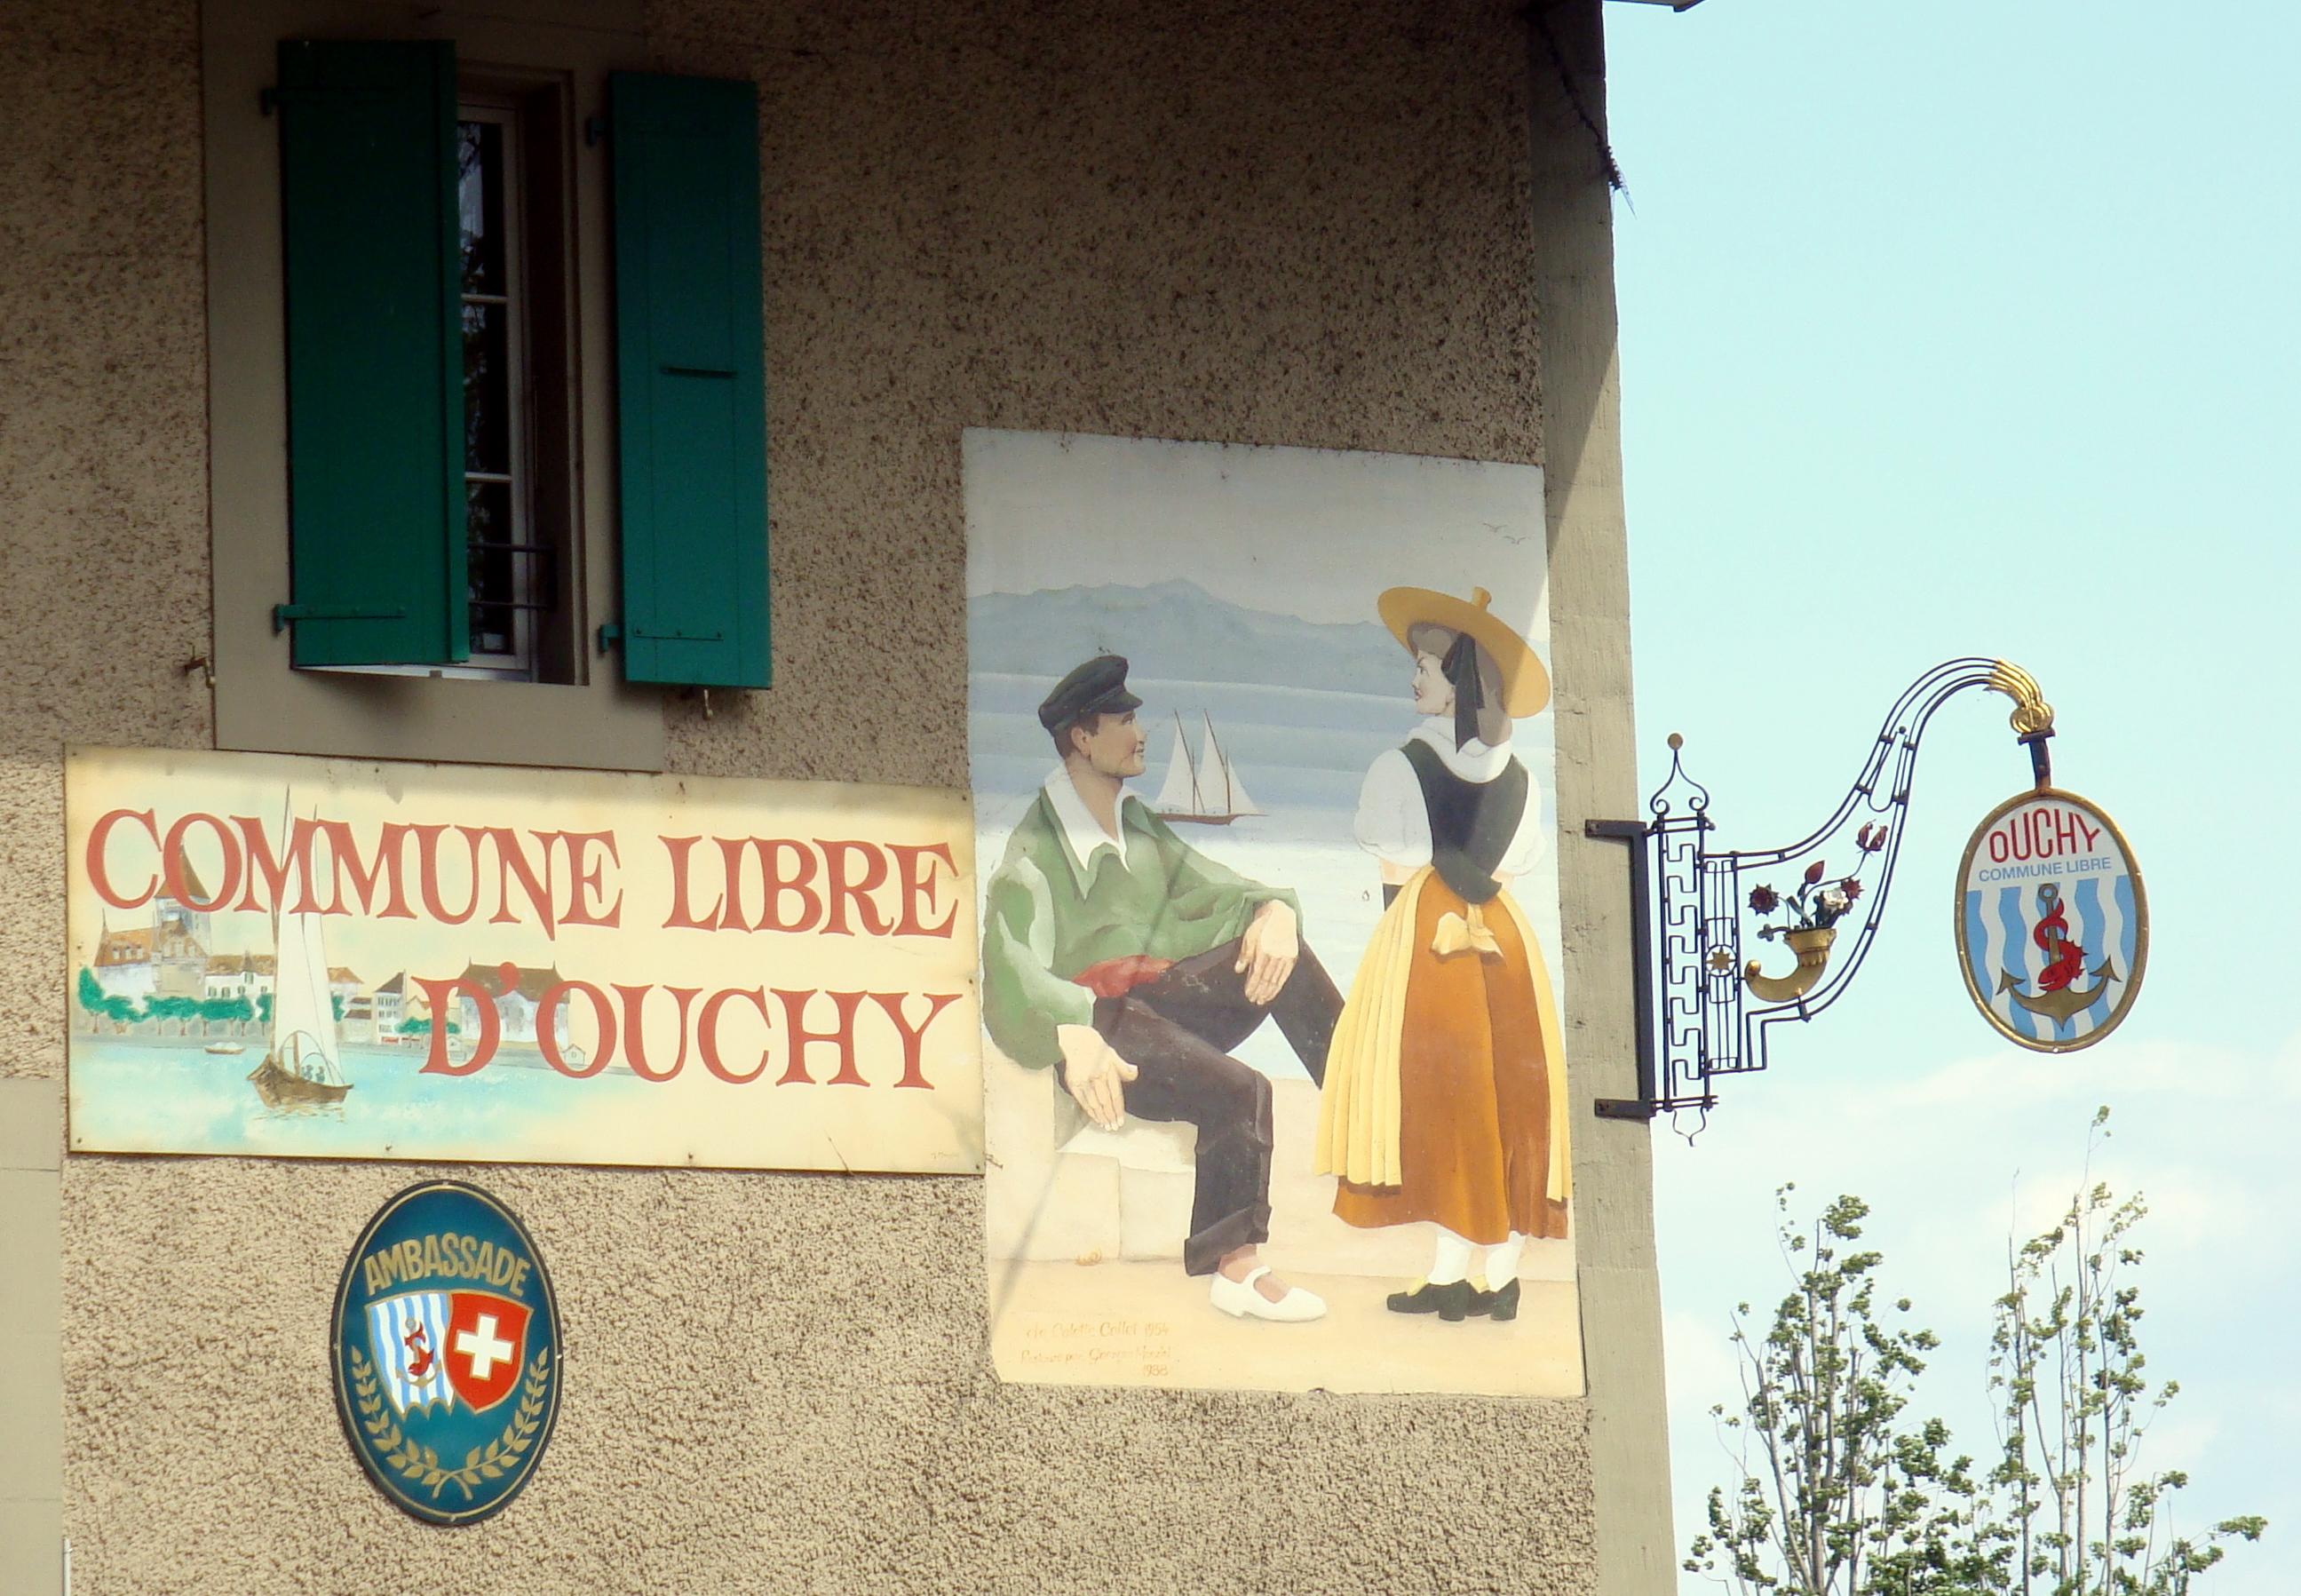 Maison de Commune - Ouchy